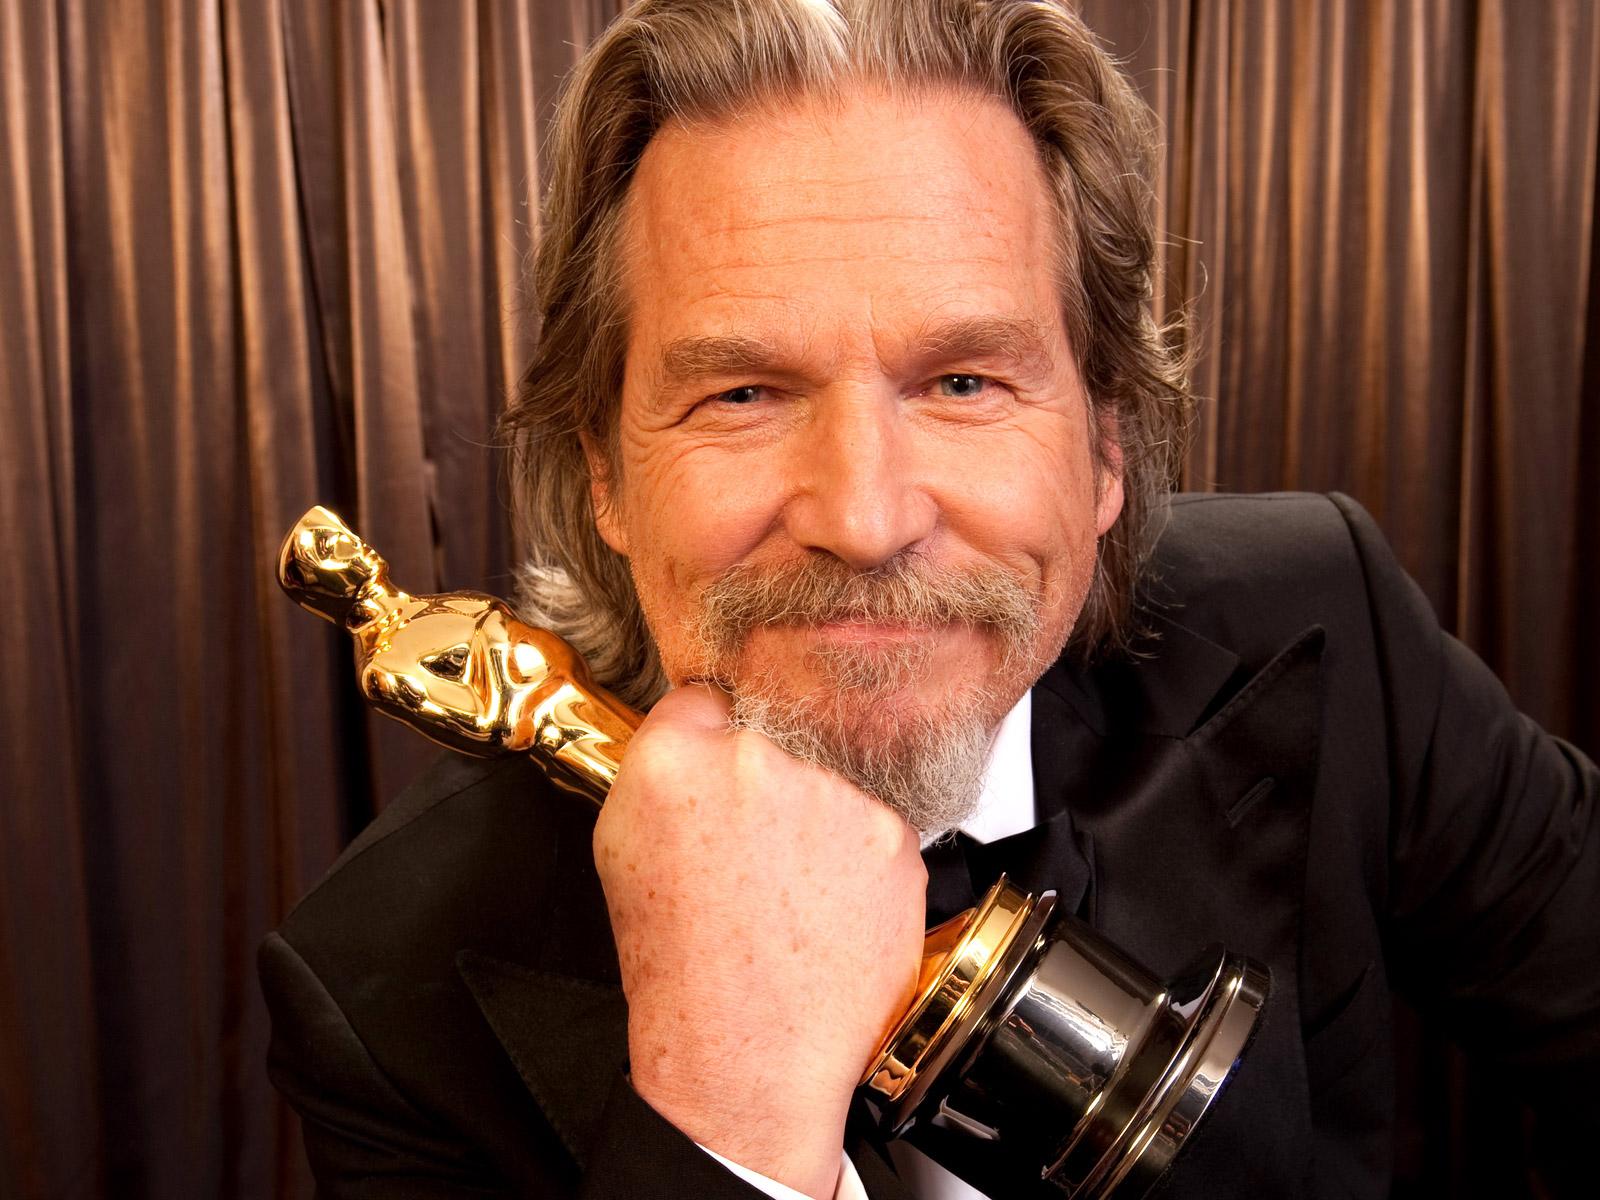 http://2.bp.blogspot.com/-Ftx8ZU8_eeQ/TzR_6DGvfsI/AAAAAAAAFOg/Ys0pX2lG_rU/s1600/Jeff_Bridges_With_Oscar.jpg